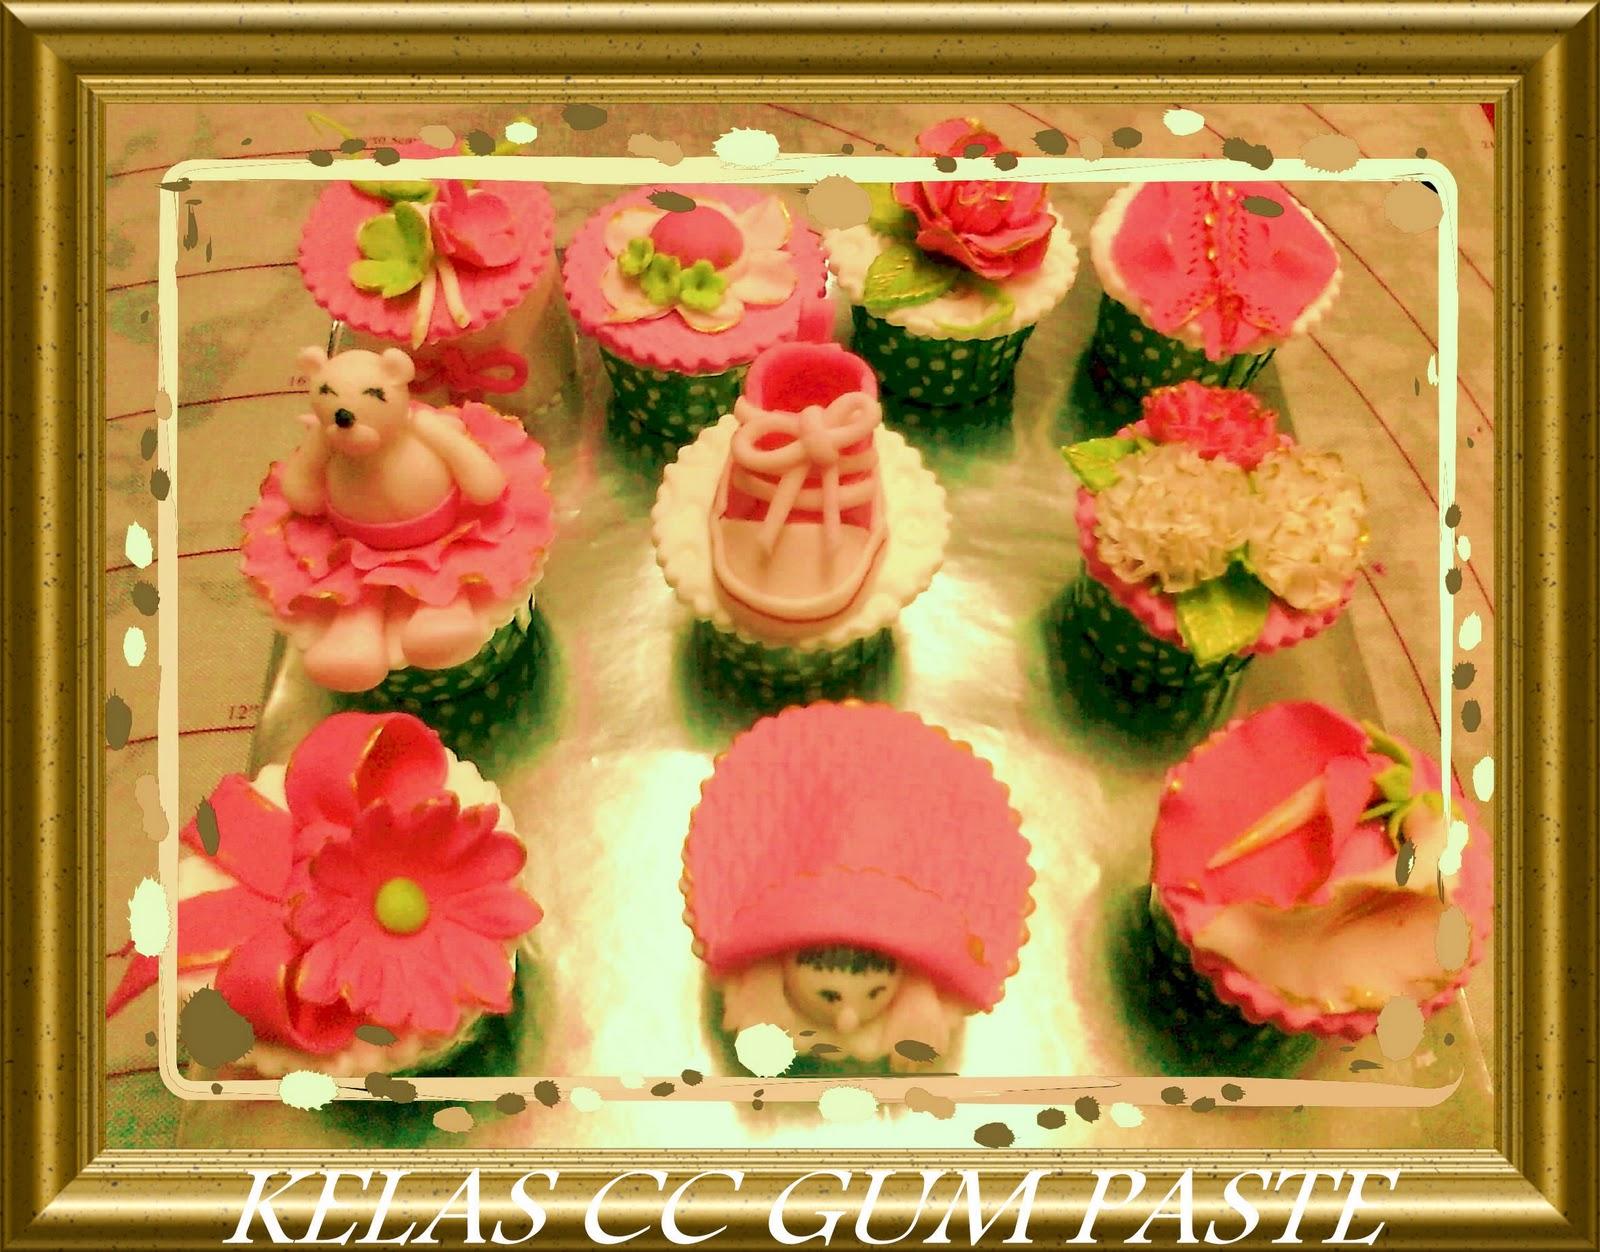 Cake Decorating Gum Paste Recipe : homemade-gum-paste-recipe Images - Frompo - 1